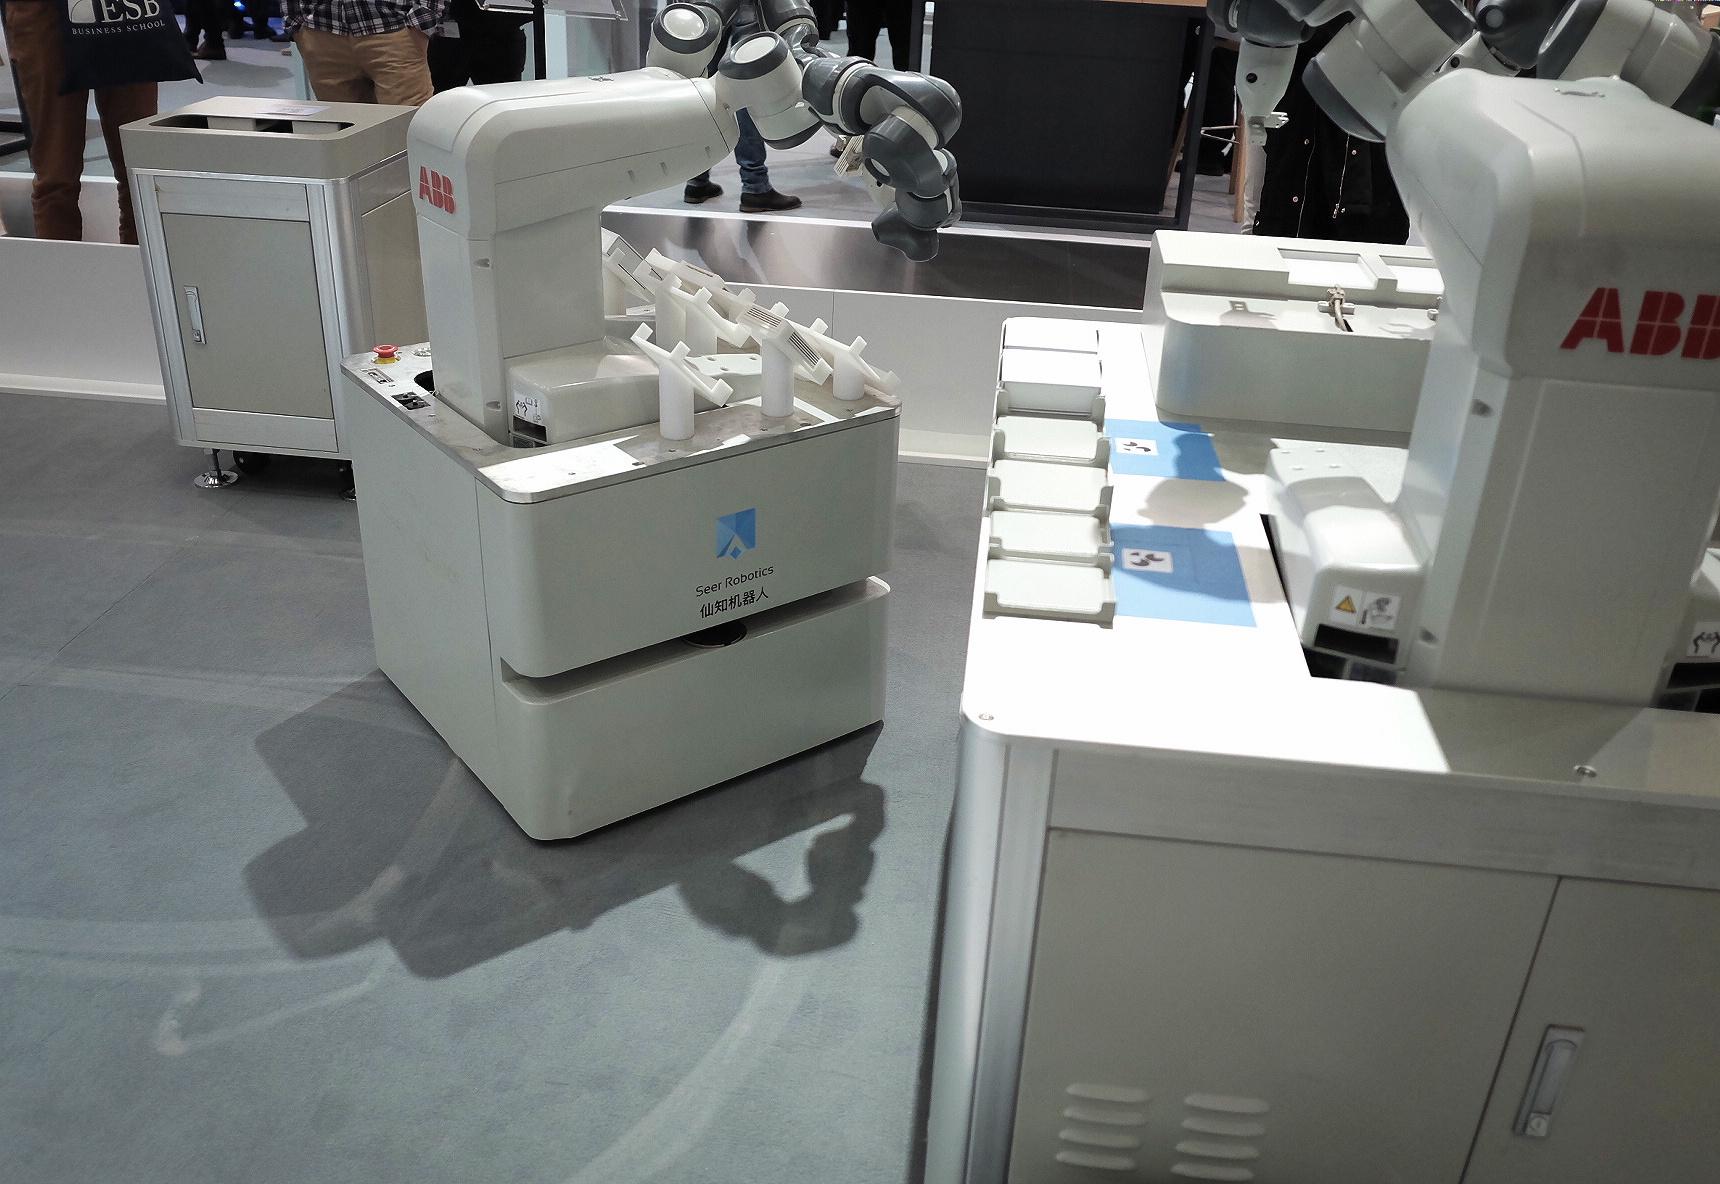 仙知机器人赵越:能友好工作的机器人才能真正的为人类服务